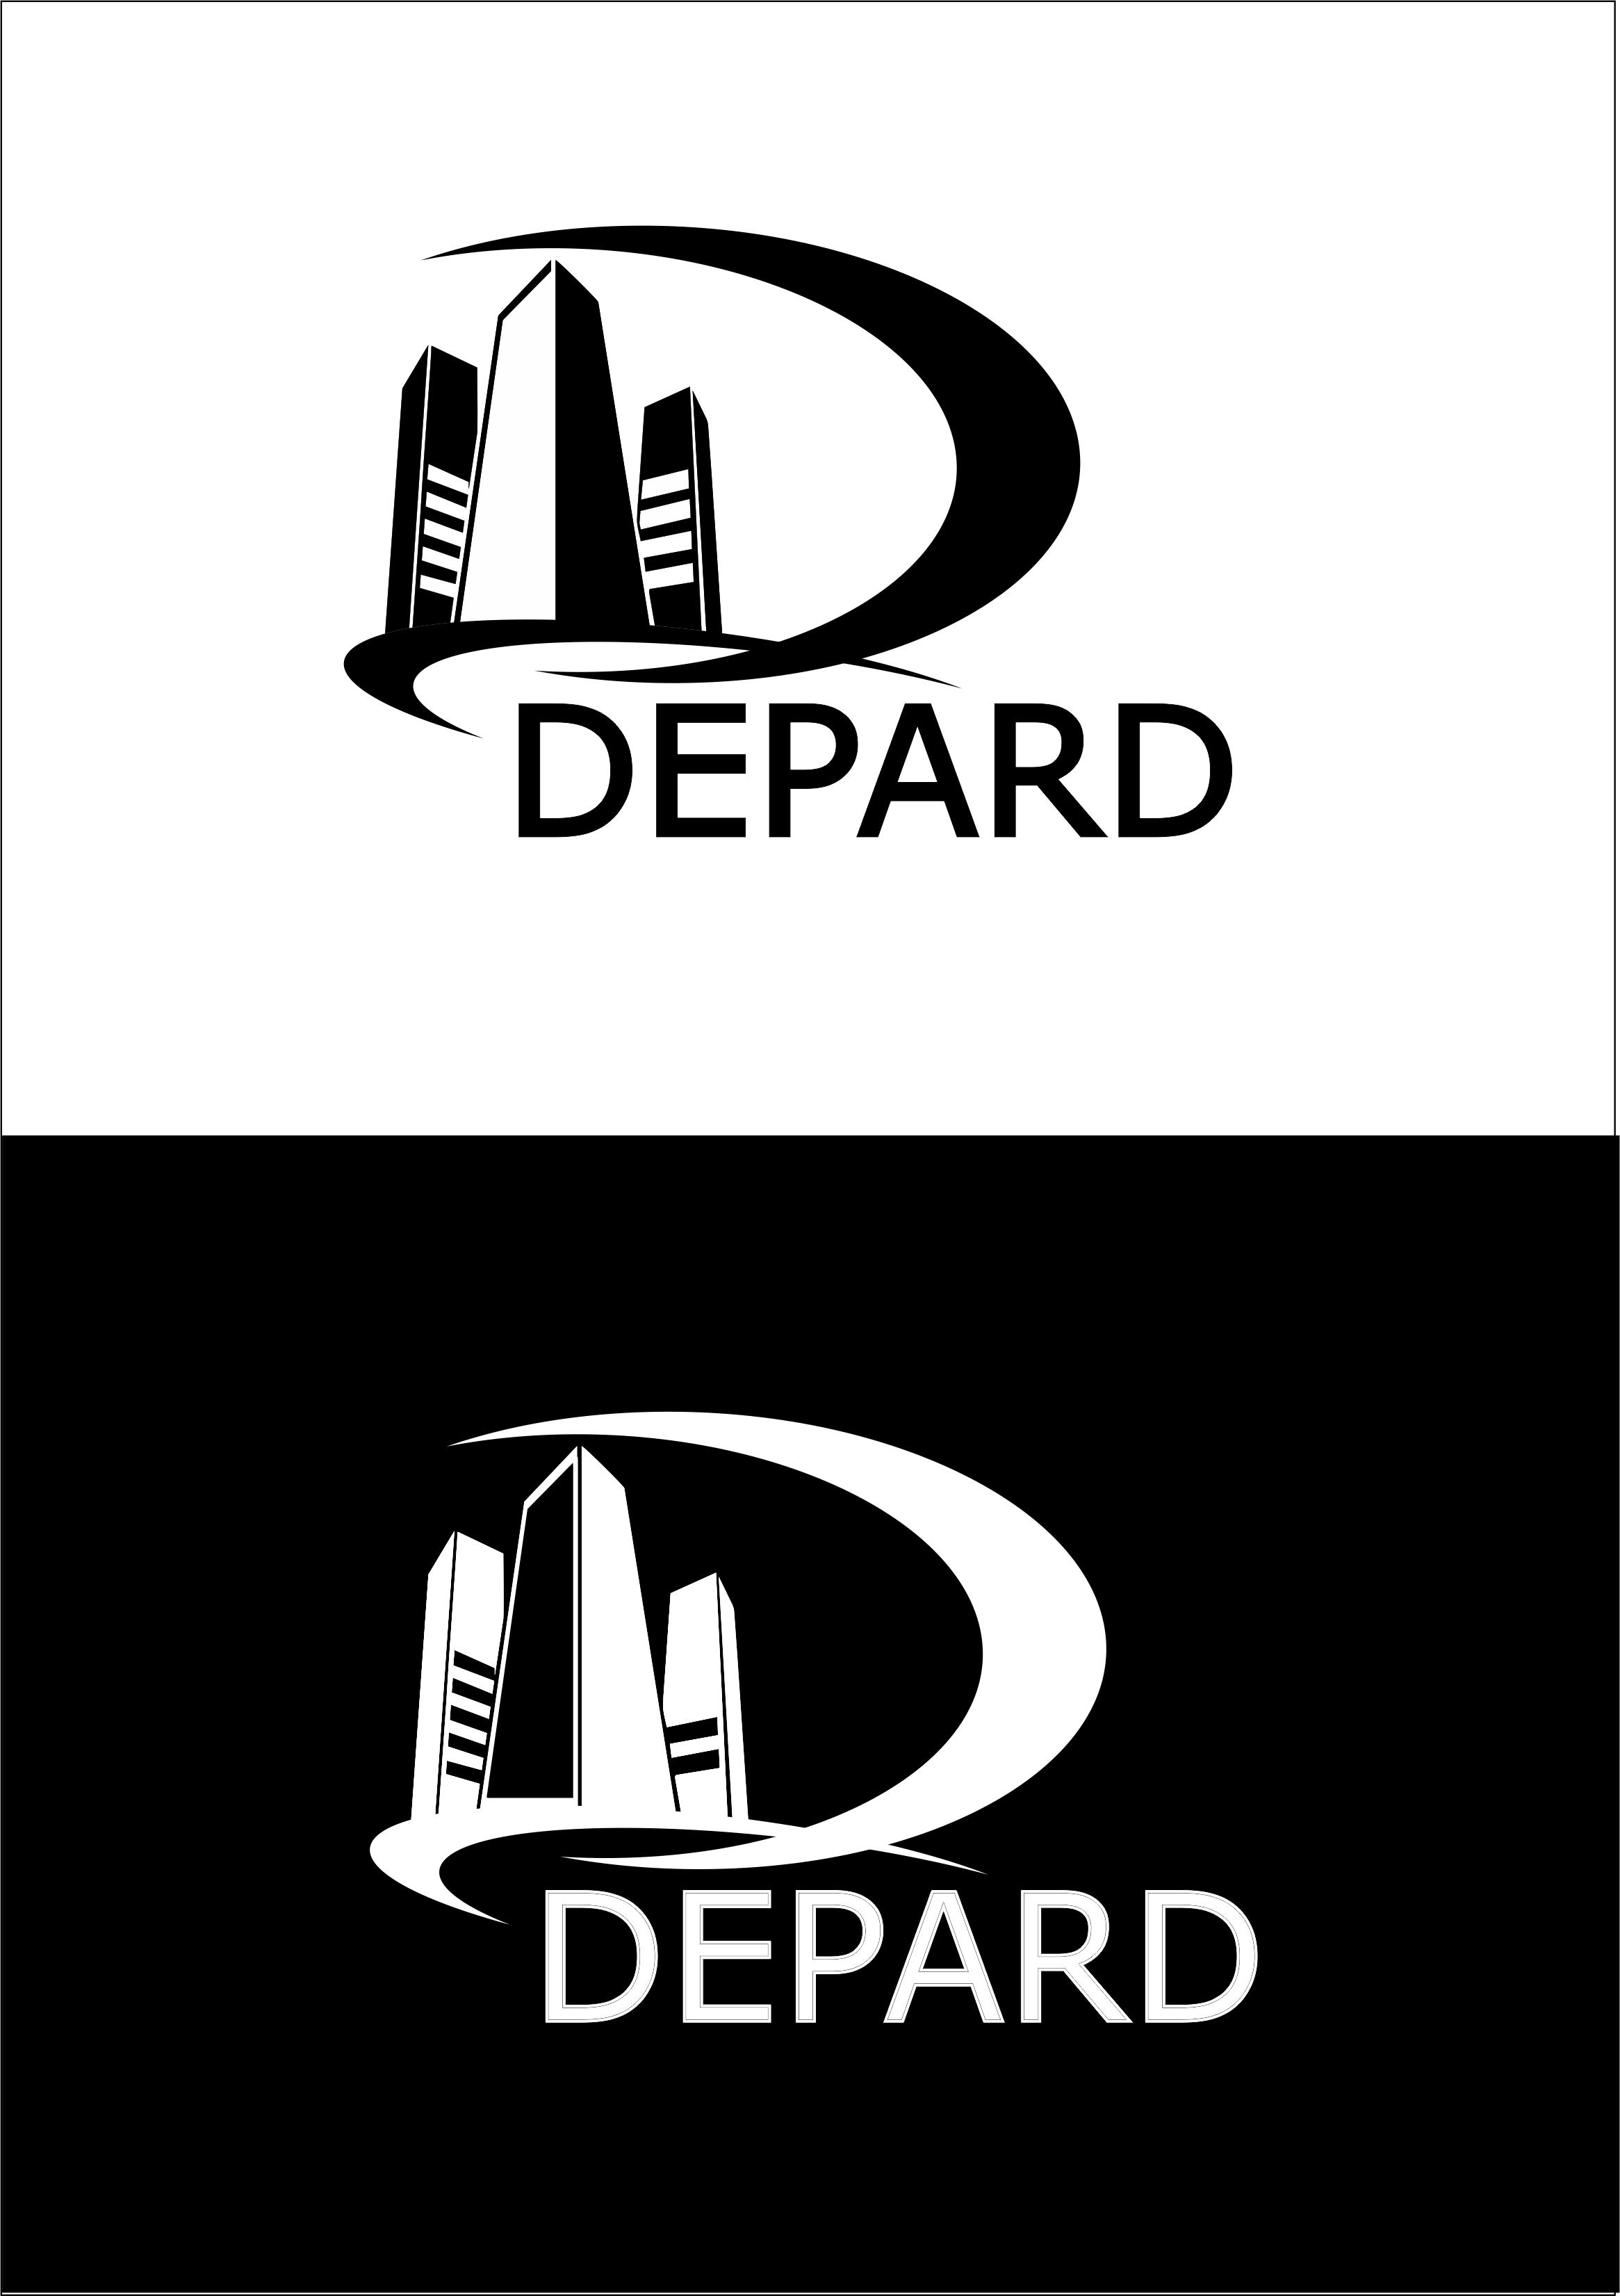 Логотип для компании (услуги недвижимость) фото f_9595930fd3b921b6.jpg